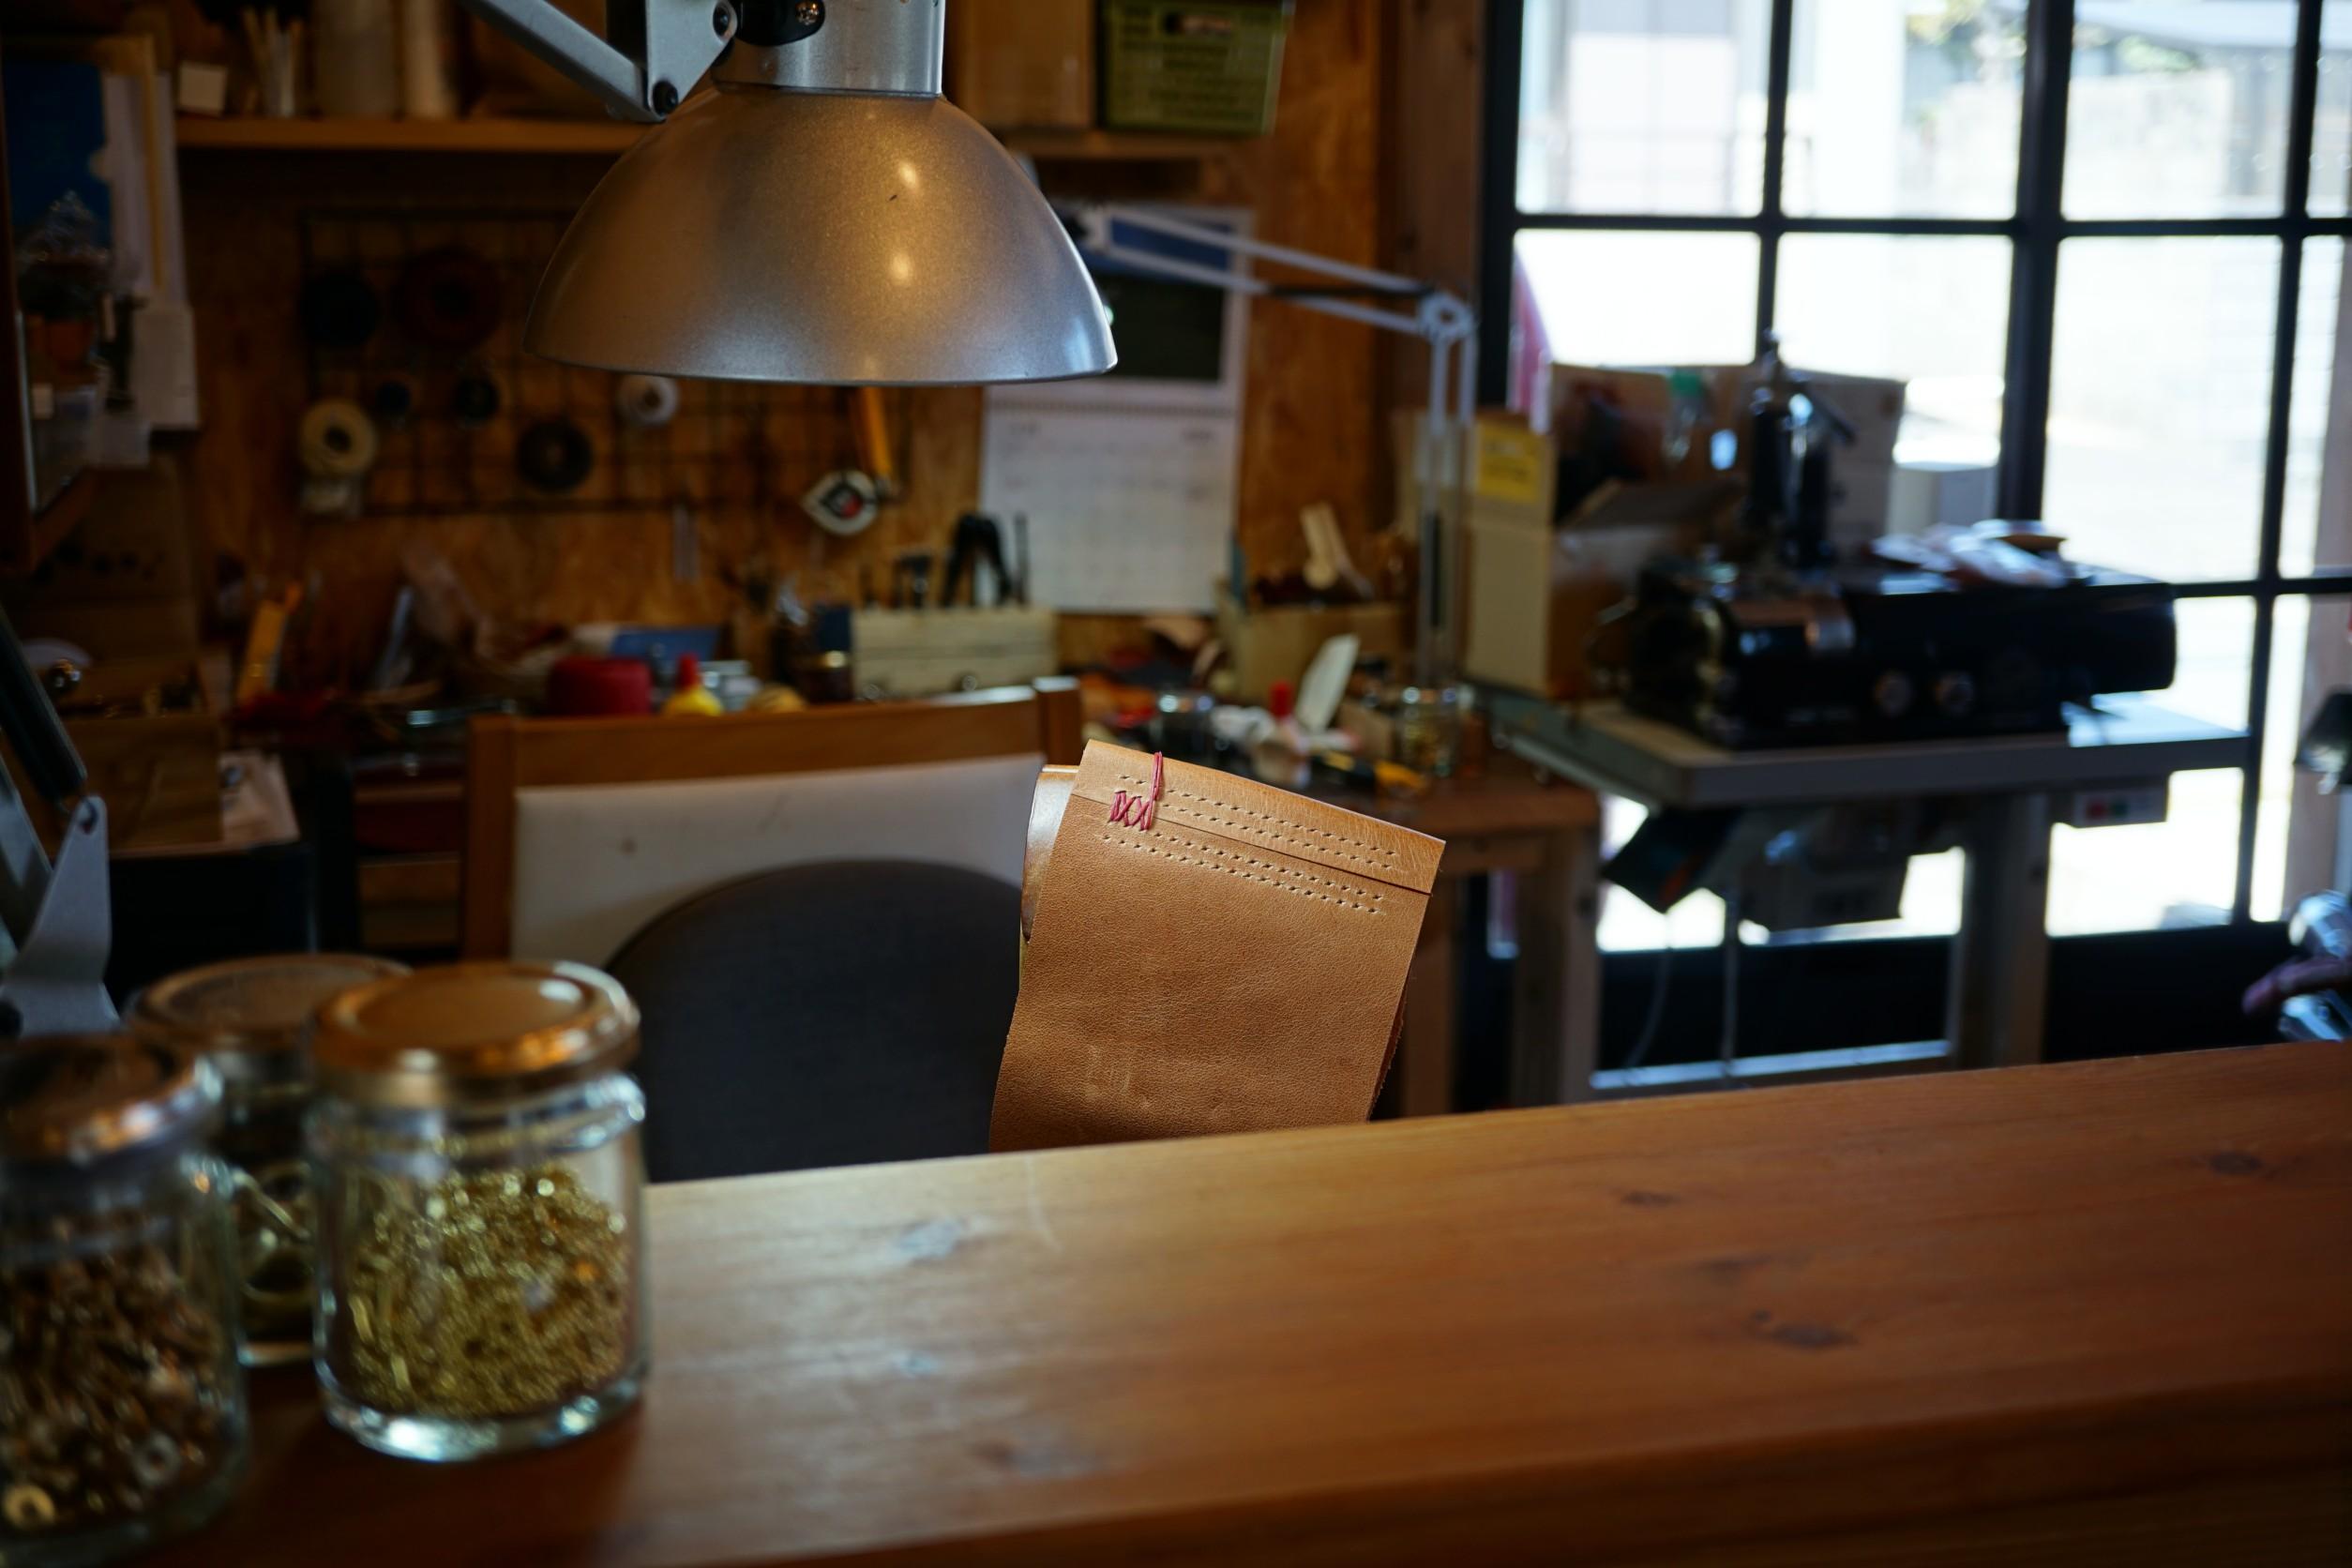 革細工とニュージーランド雑貨のお店 BLESS online shop紹介画像2